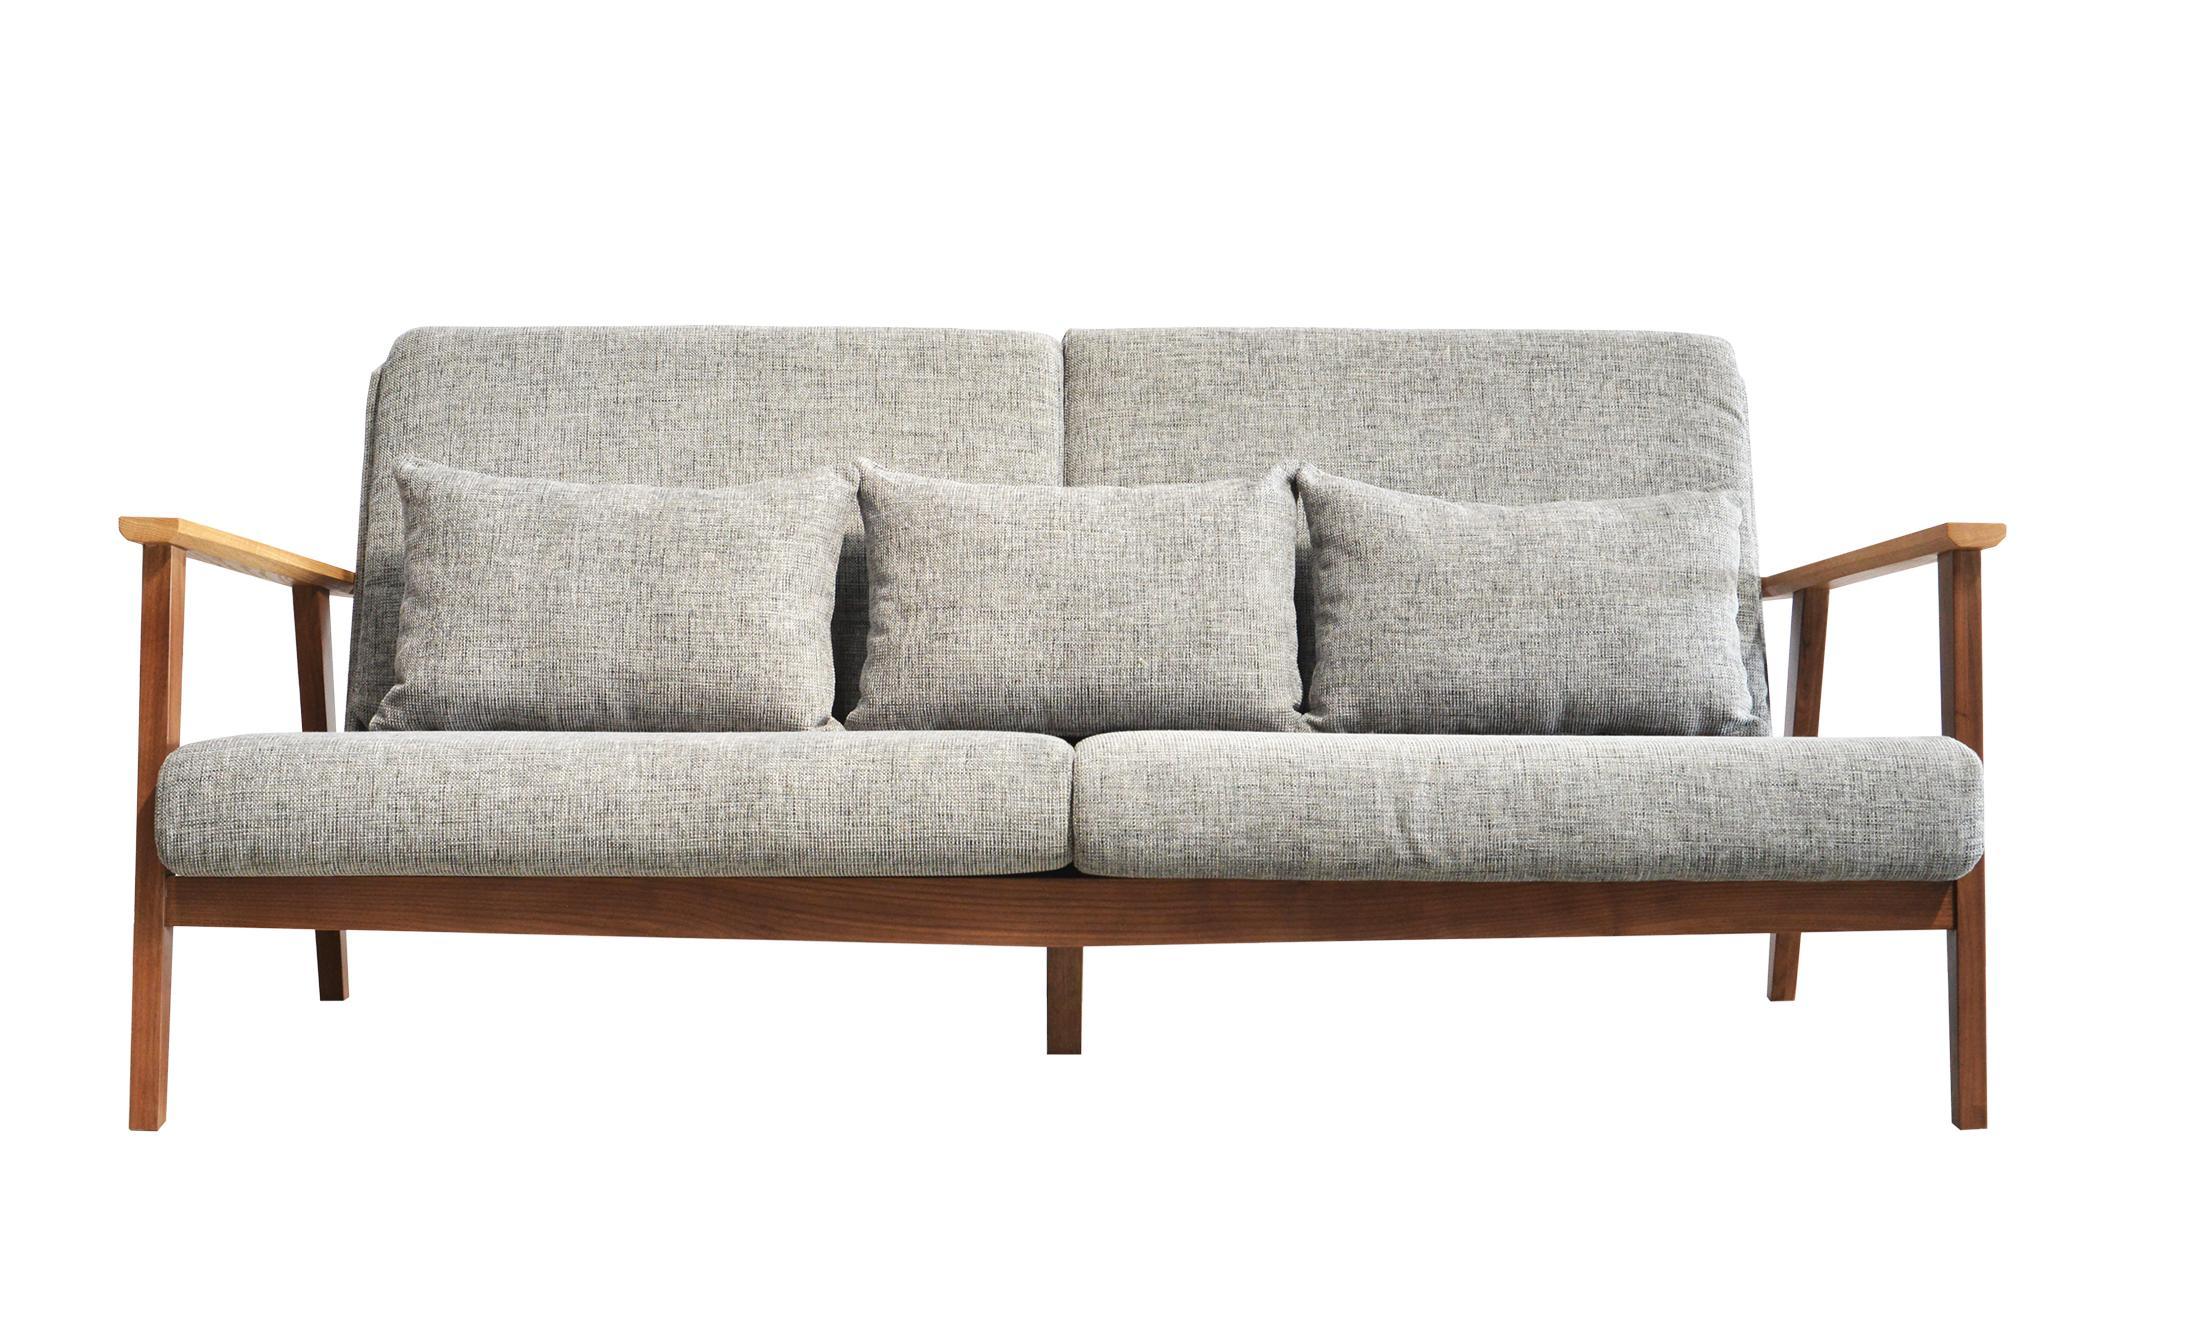 Dualtone 3-seater sofa